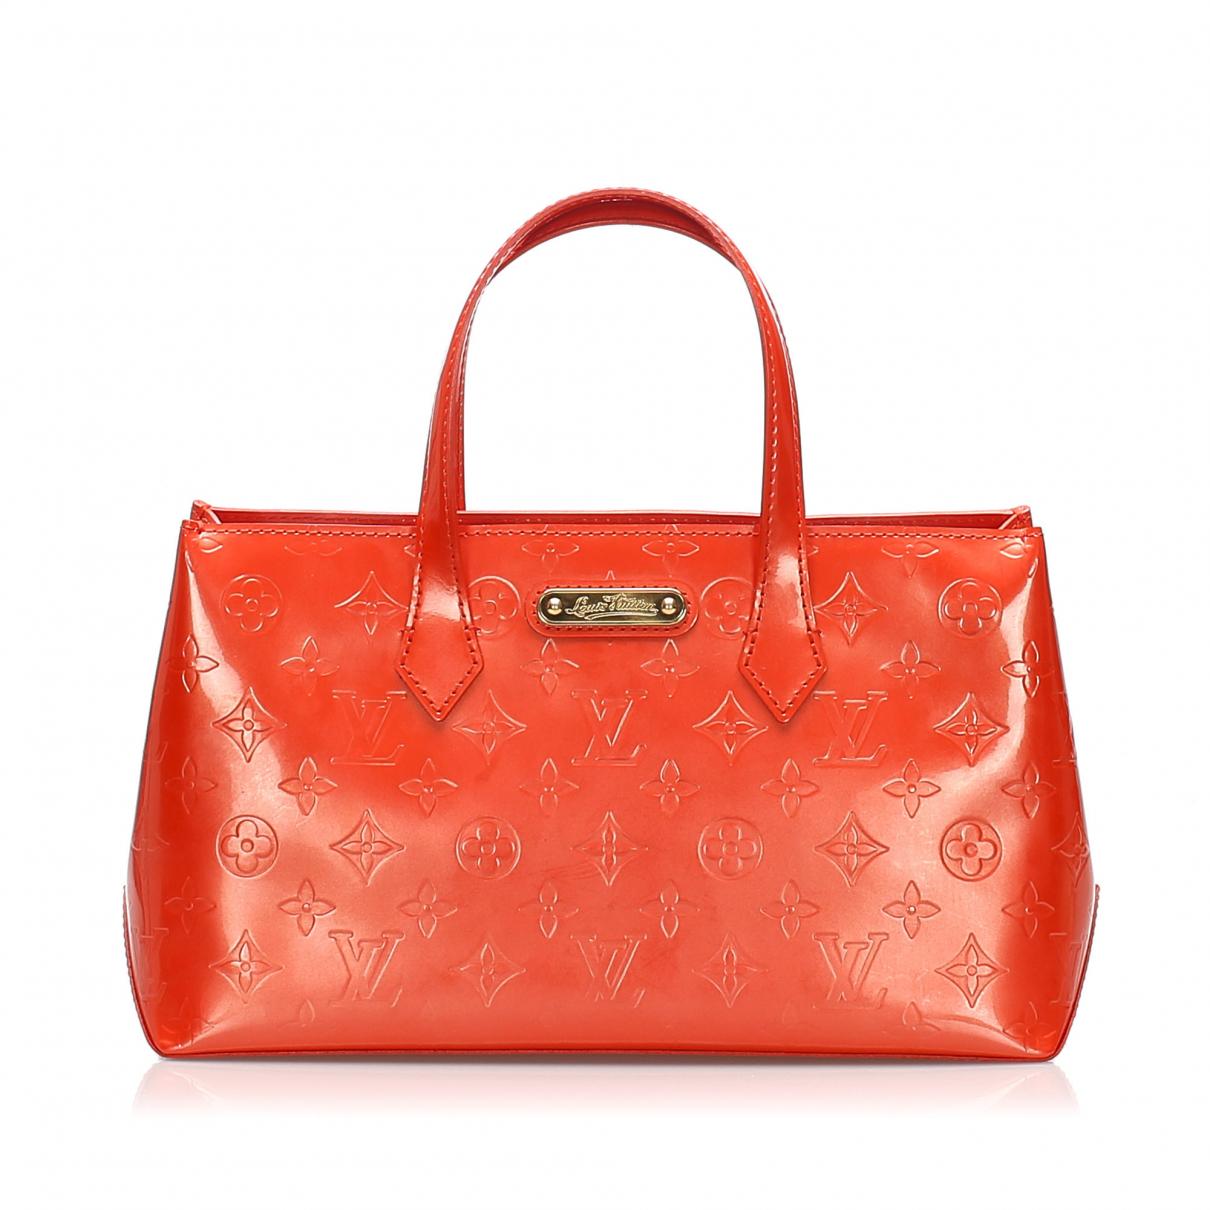 Louis Vuitton - Sac a main Wilshire pour femme en cuir - rouge